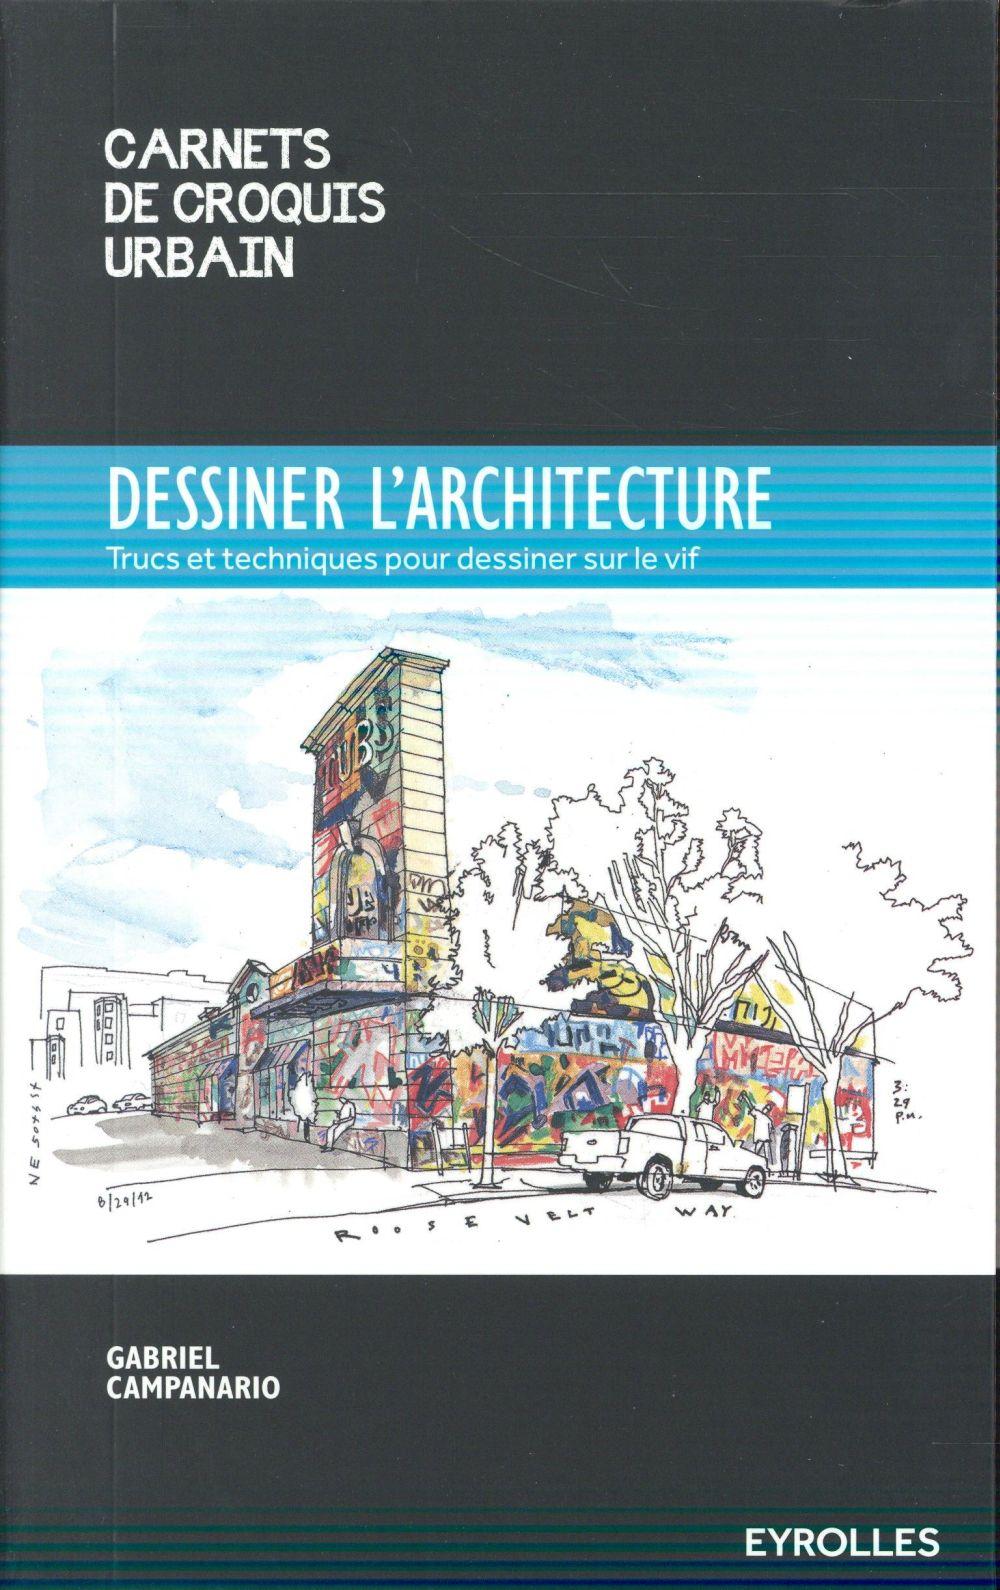 DESSINER L'ARCHITECTURE TRUCS ET TECHNIQUES POUR DESSINER SUR LE VIF - TRUCS ET ASTUCES POUR DESSINE CAMPANARIO, GABRIEL Eyrolles